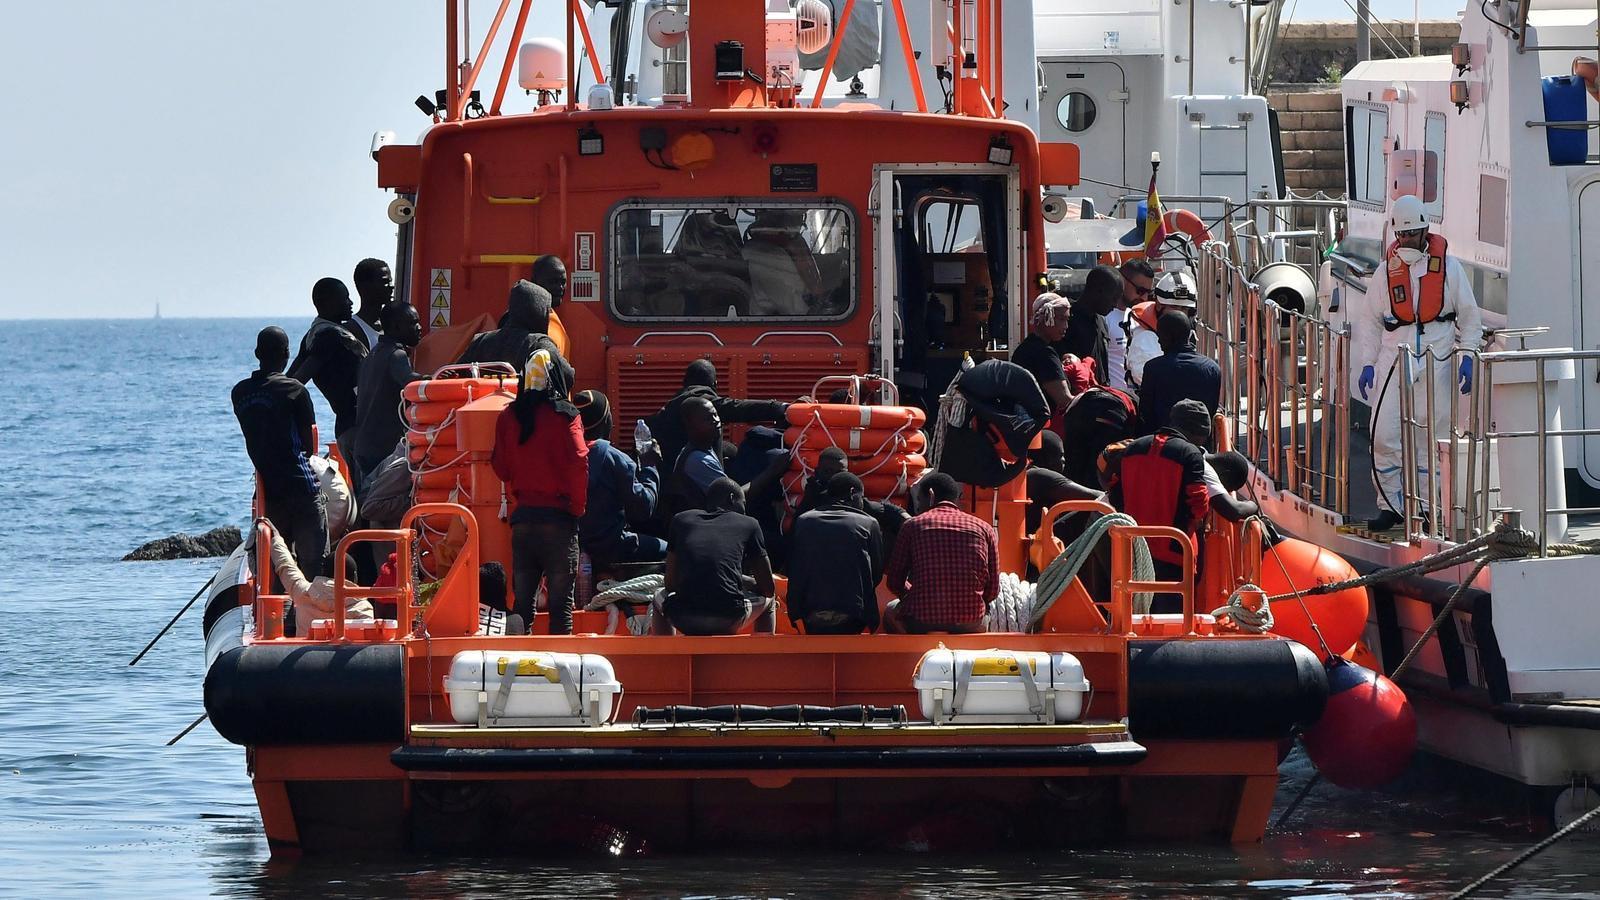 Una de les embarcacions que ha rescatat els migrants prop del mar d'Alborán.